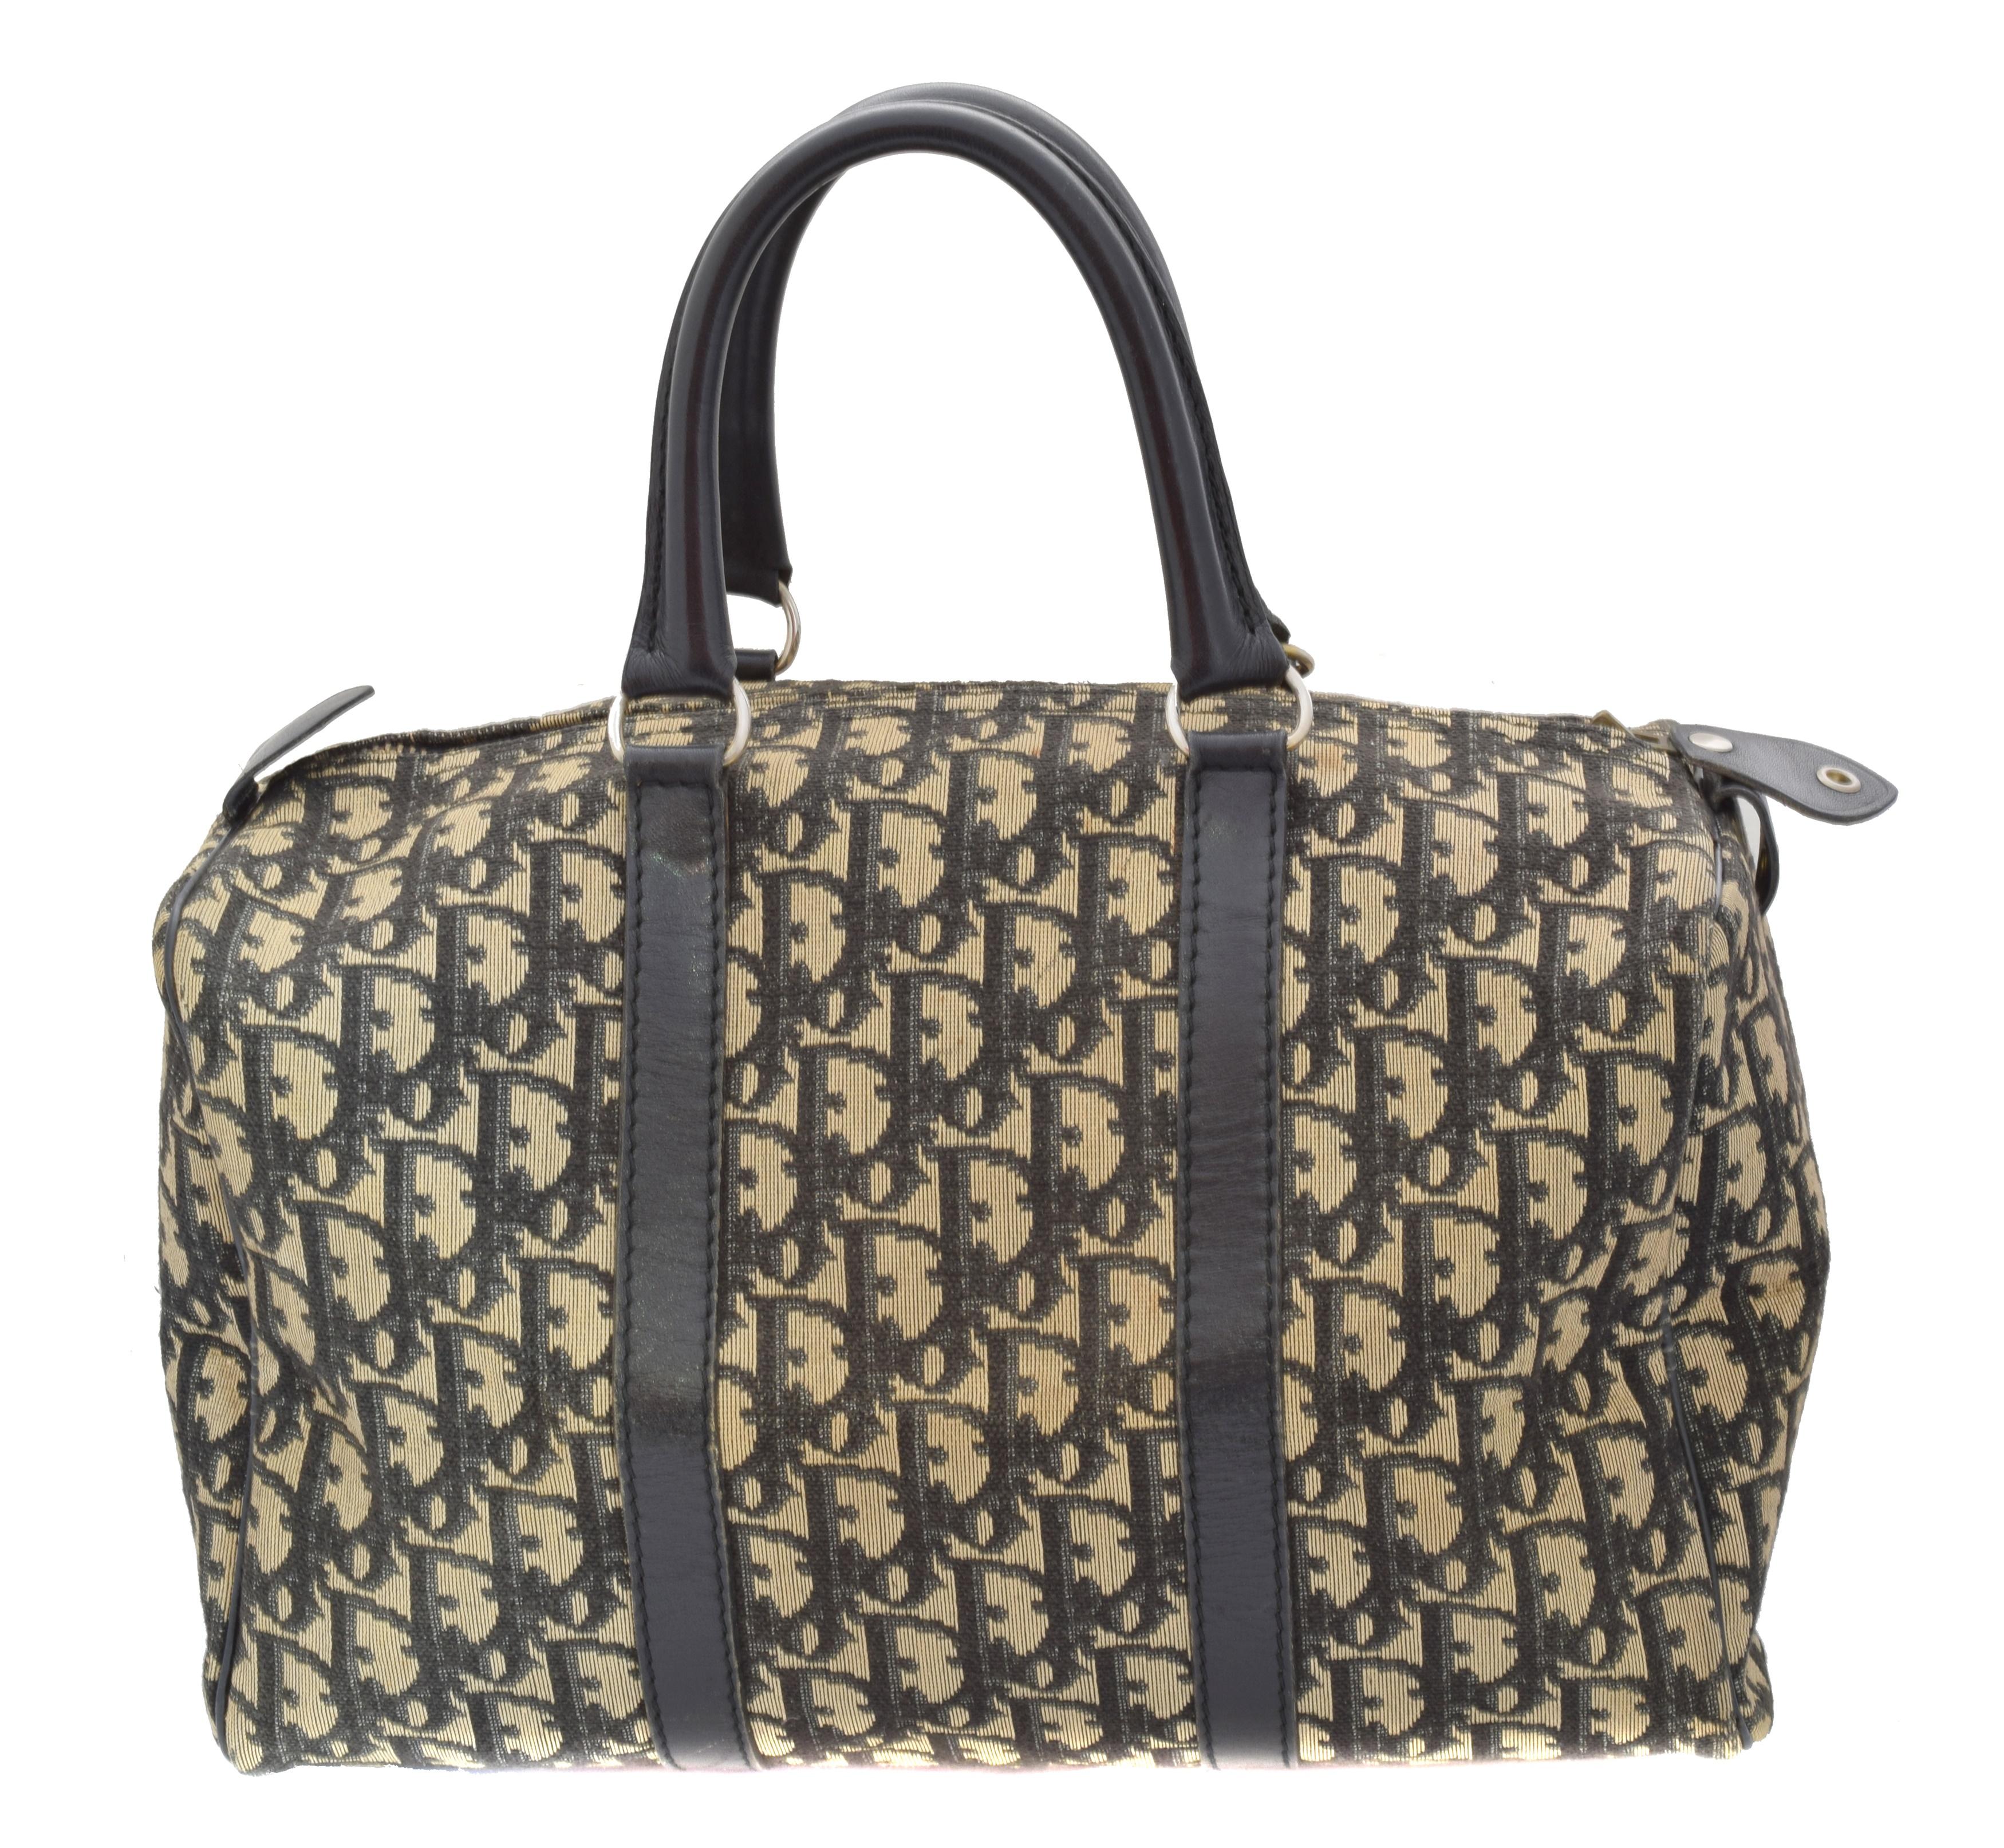 A Dior Vintage Small Boston Handbag,